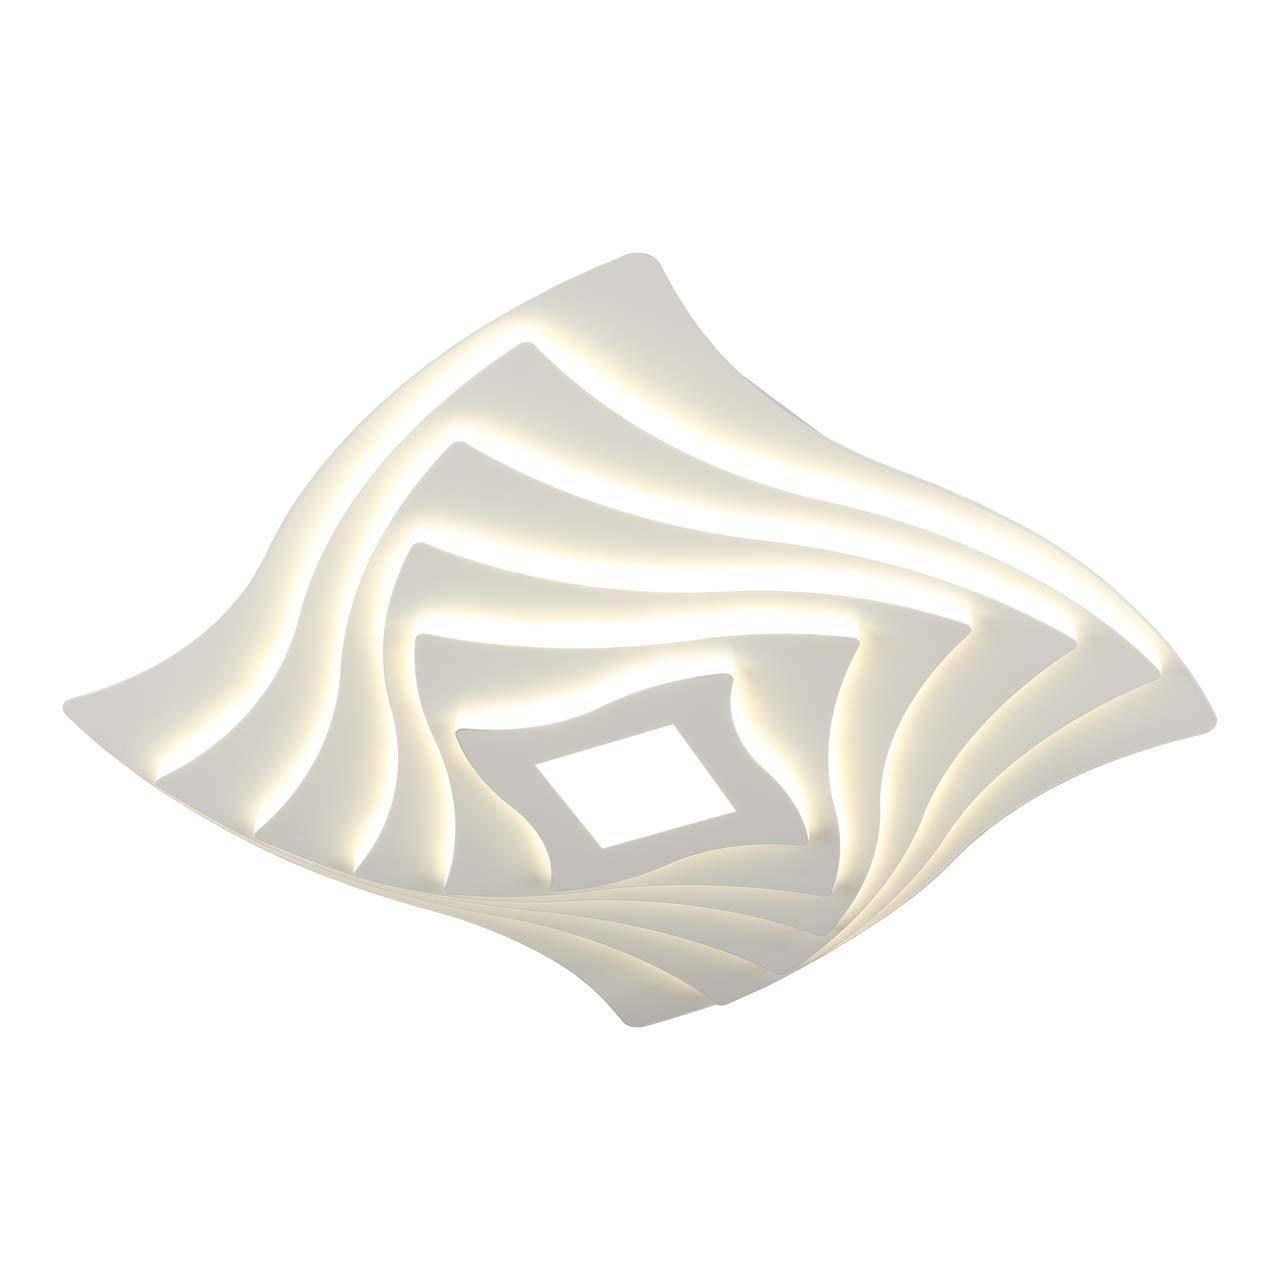 Потолочная светодиодная люстра Omnilux Benevello OML-07807-248